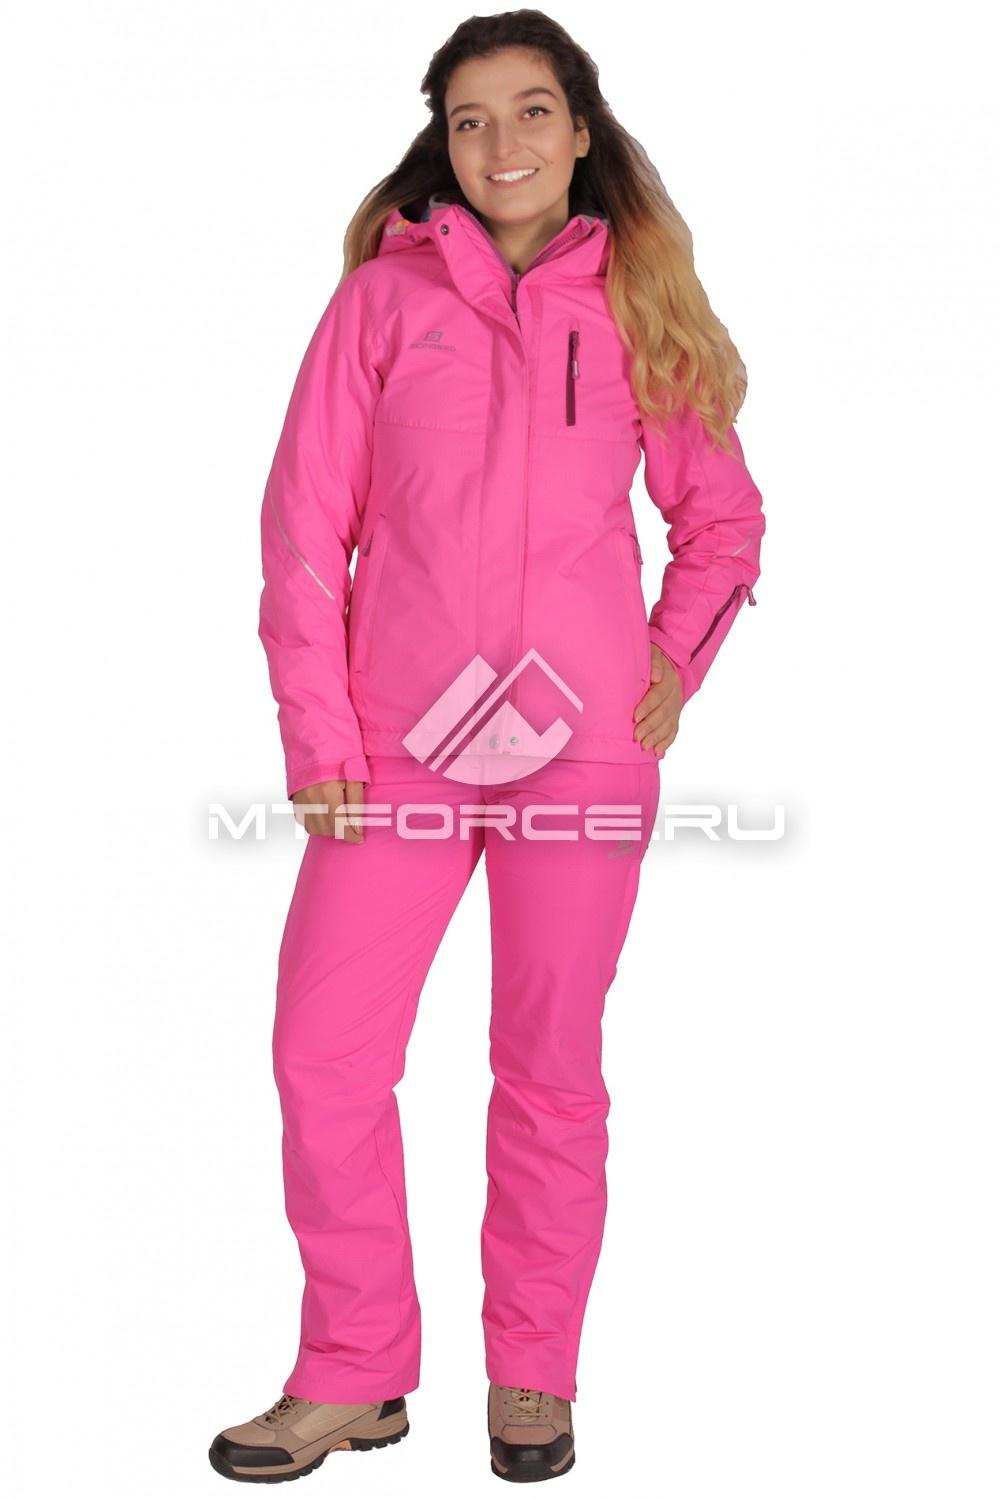 Купить                                  оптом Костюм демисезонный женский розового цвета 01708R